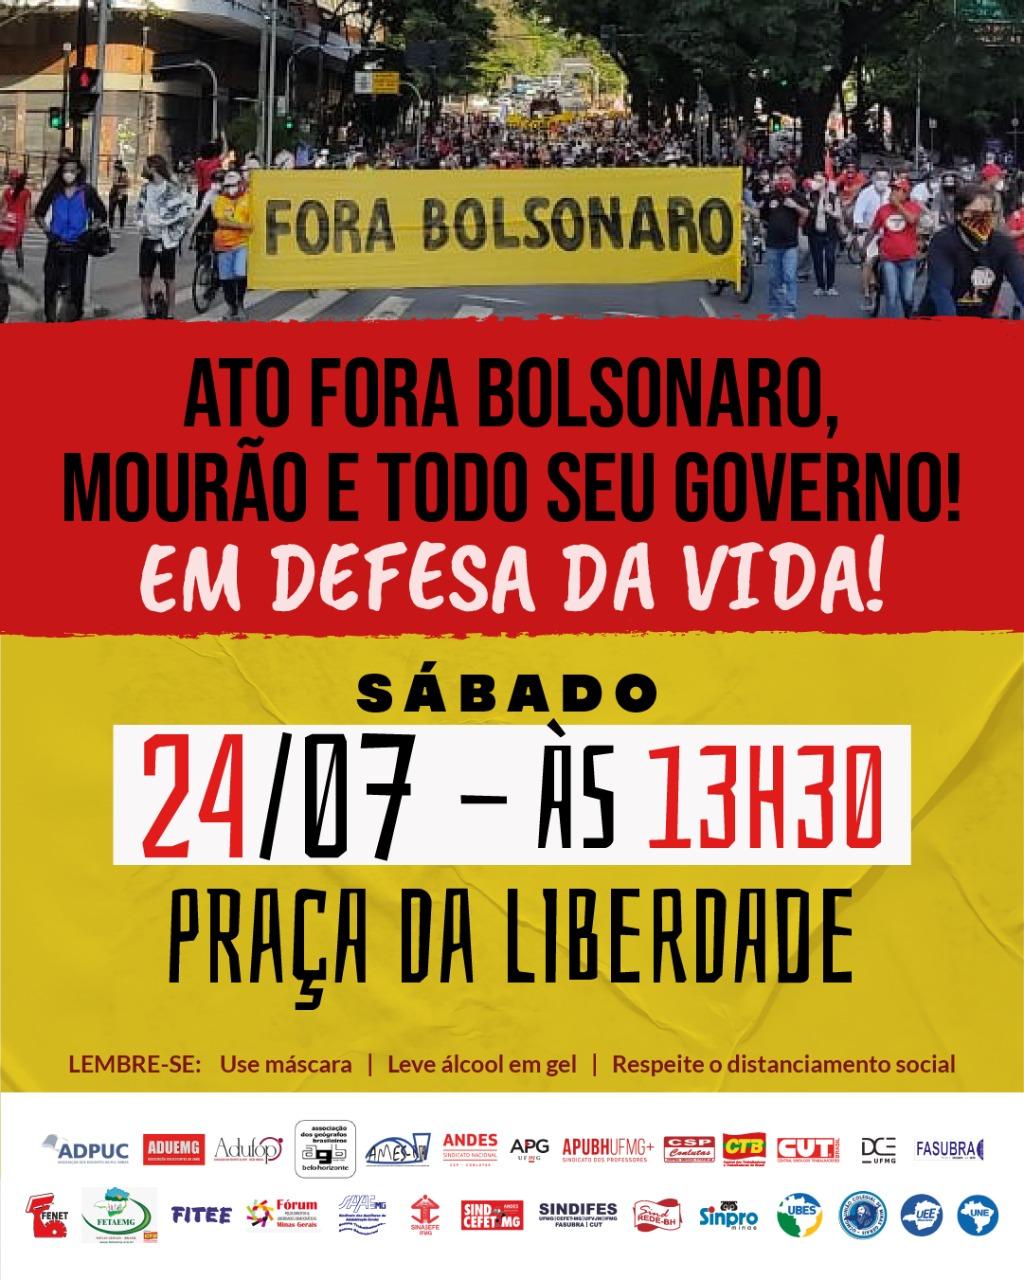 SINDIFES convoca Categoria para ato pelo Fora Bolsonaro, neste sábado, 24, às 13h30, na Praça da Liberdade em Belo Horizonte 3